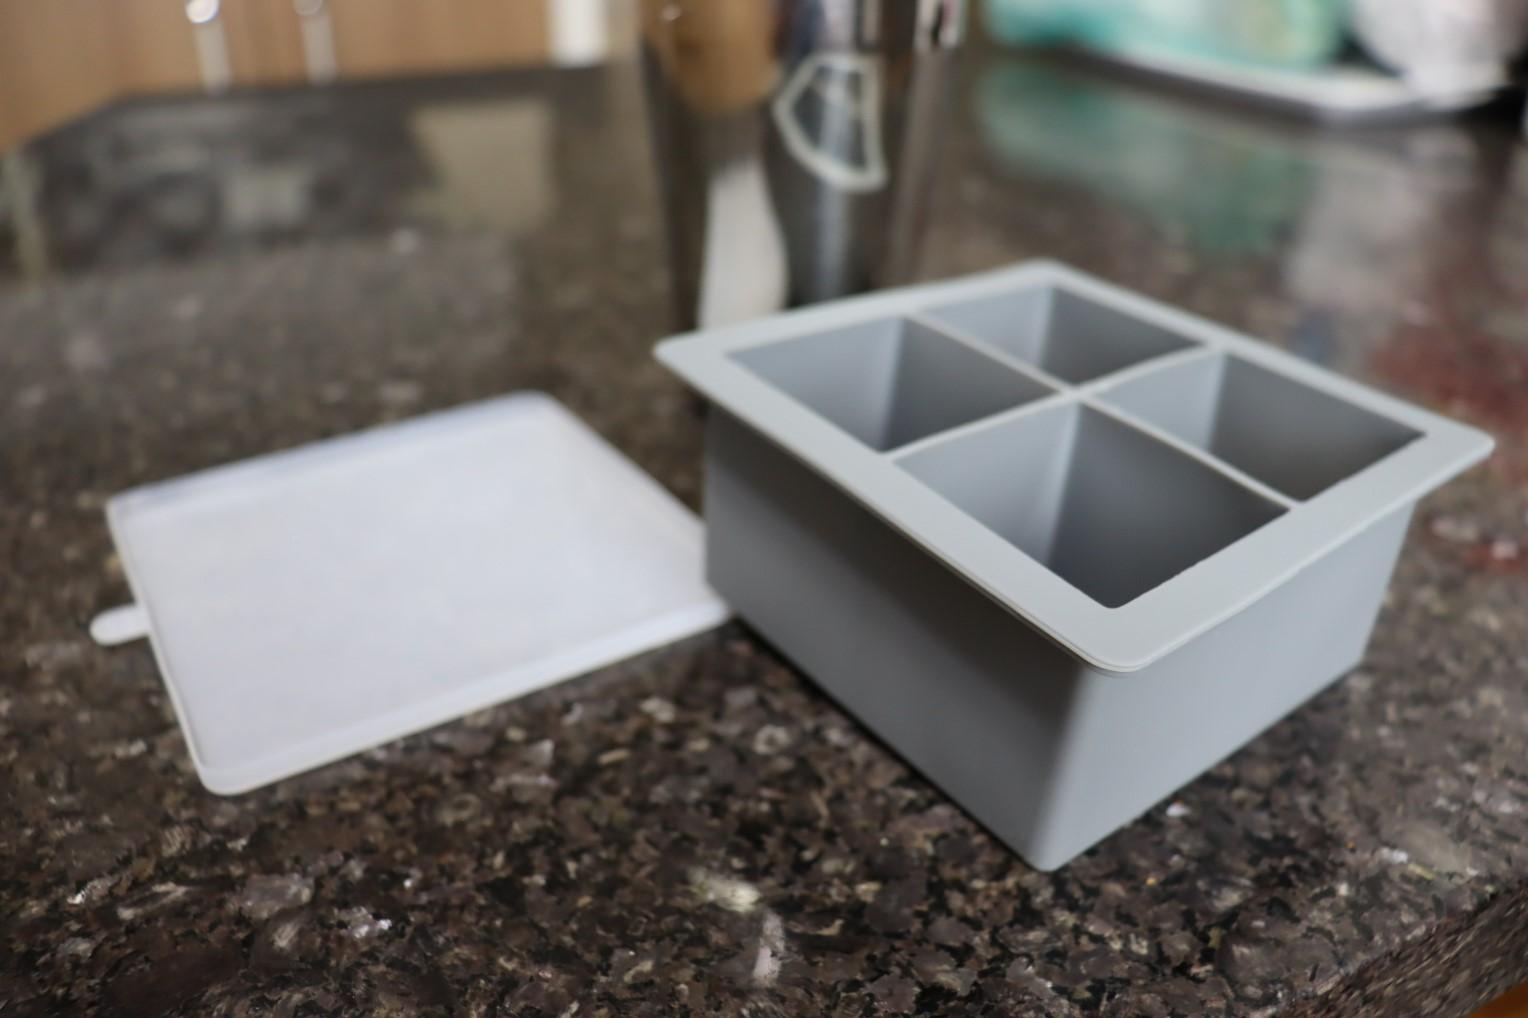 forma de silicone gelo com tampa papinha quadrada 4 cubos grandes cinza sem bpa forminhas